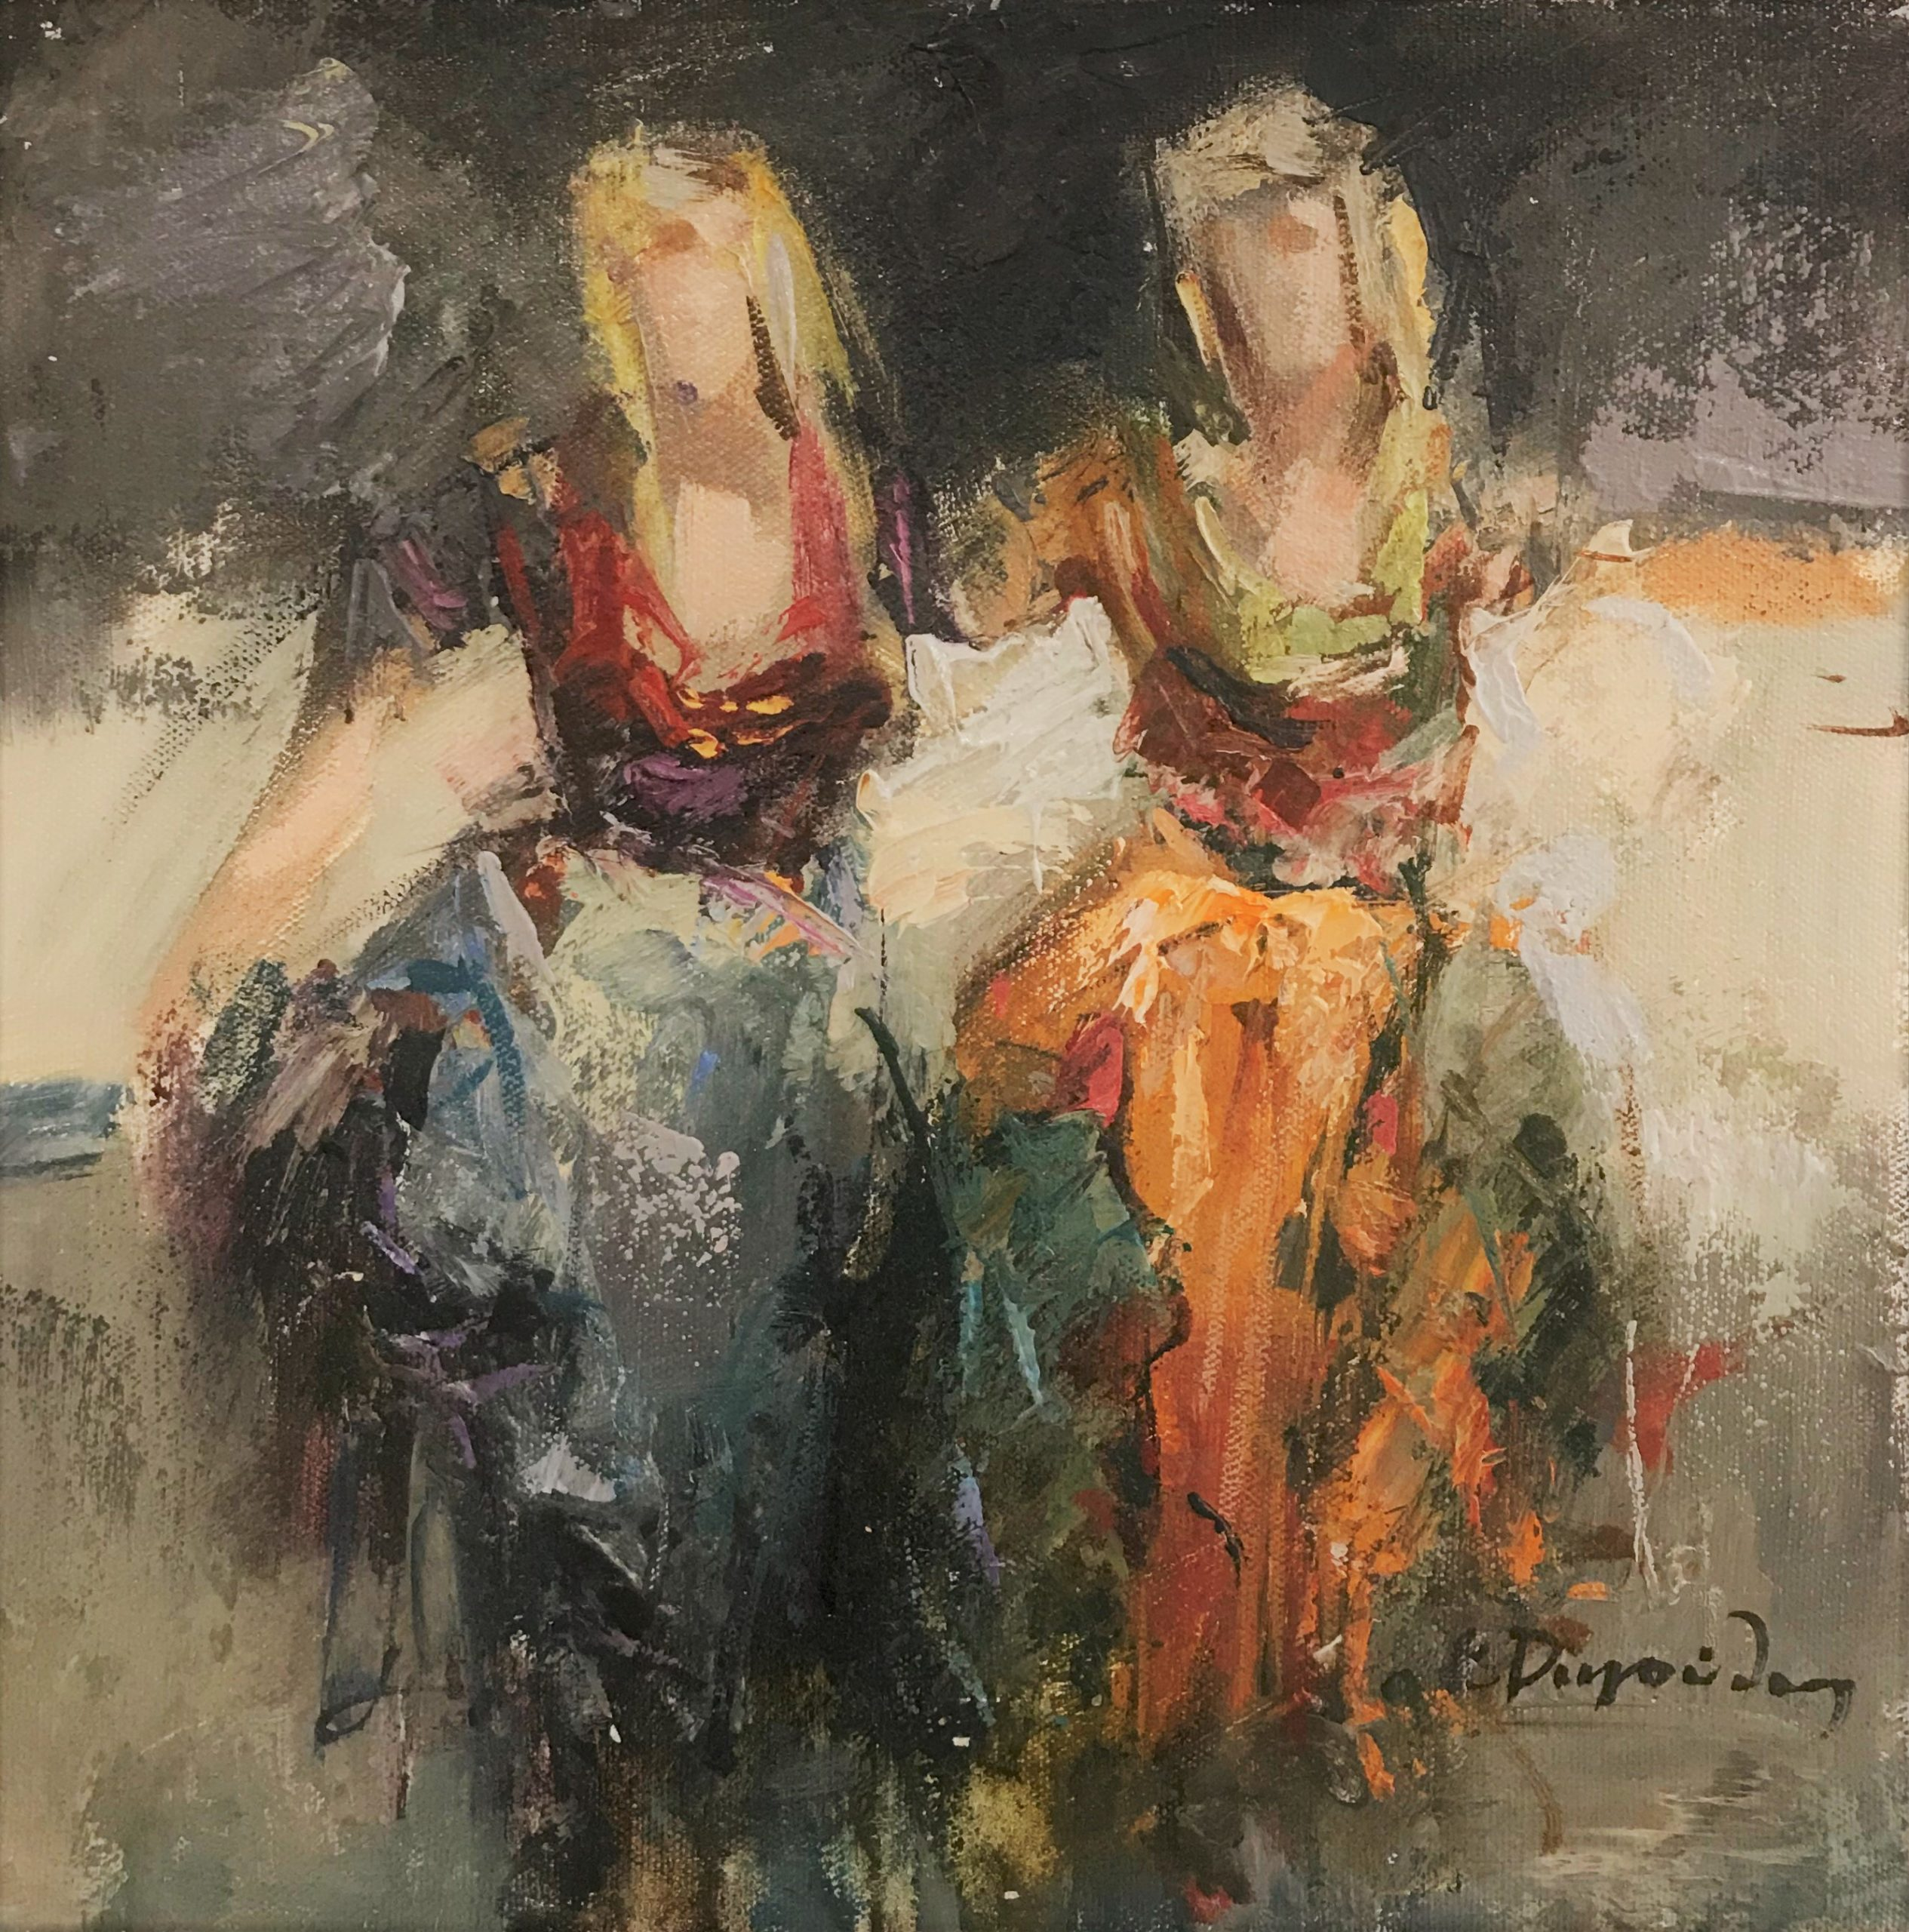 Κώστας Ρηγούλης 30×30 εκ. Λάδια σε καμβά Costas Rigoulis 30×30 cm Oils on canvas (5)